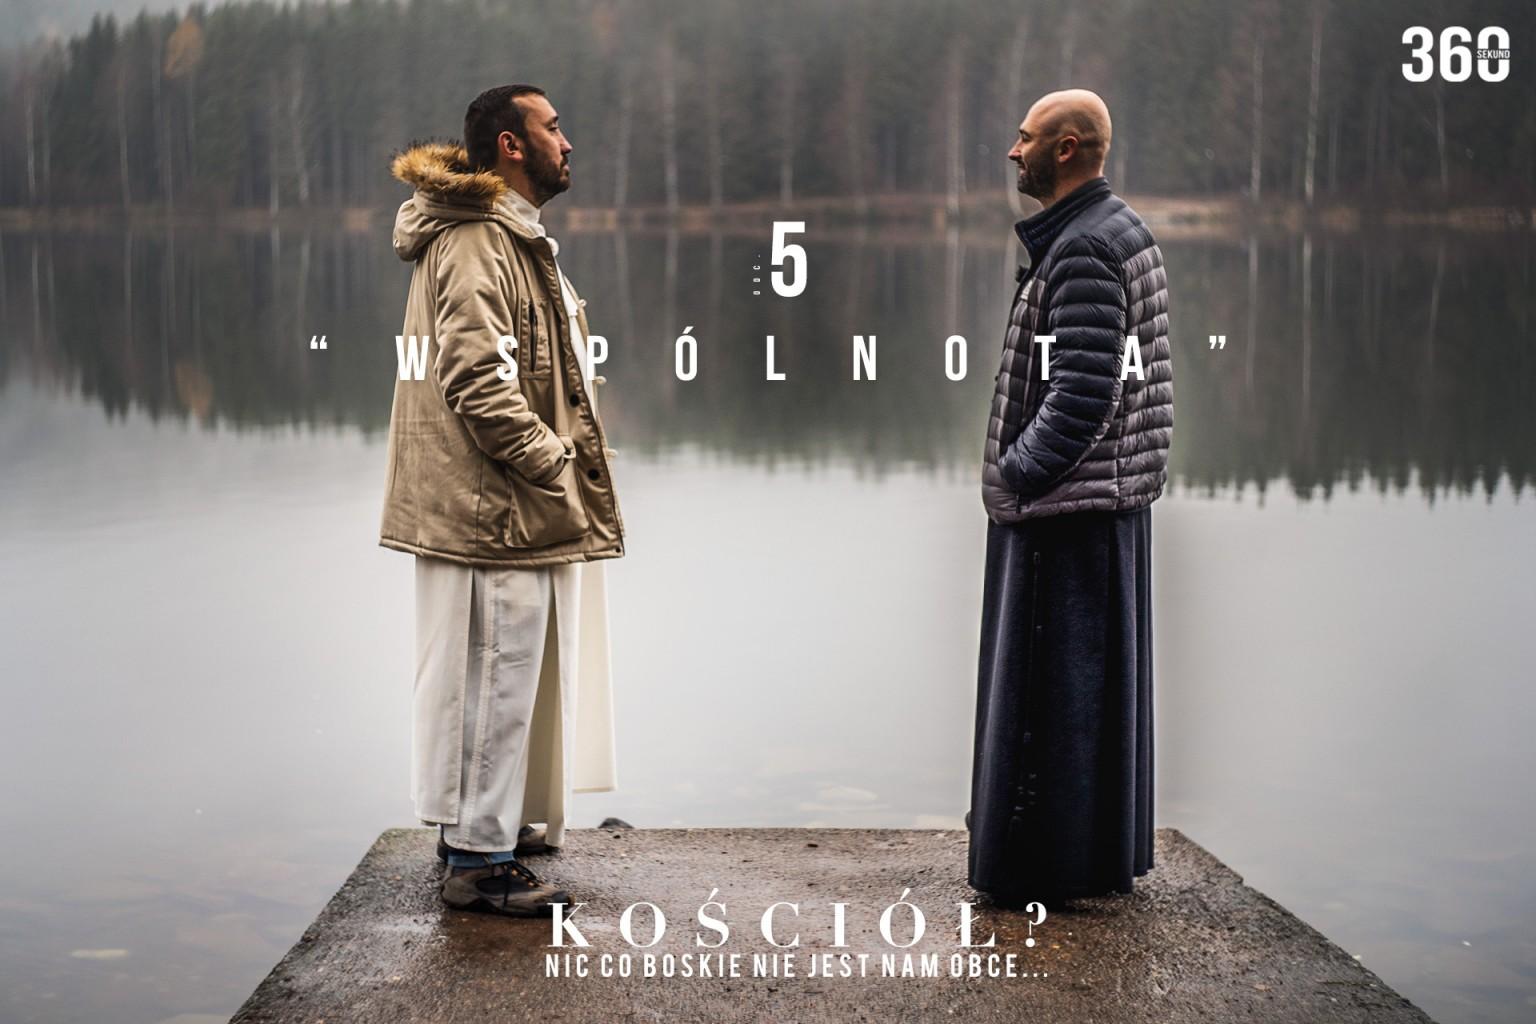 Adwent 2018 rekolekcje z profeto.pl odc 5 WSPÓLNOTA